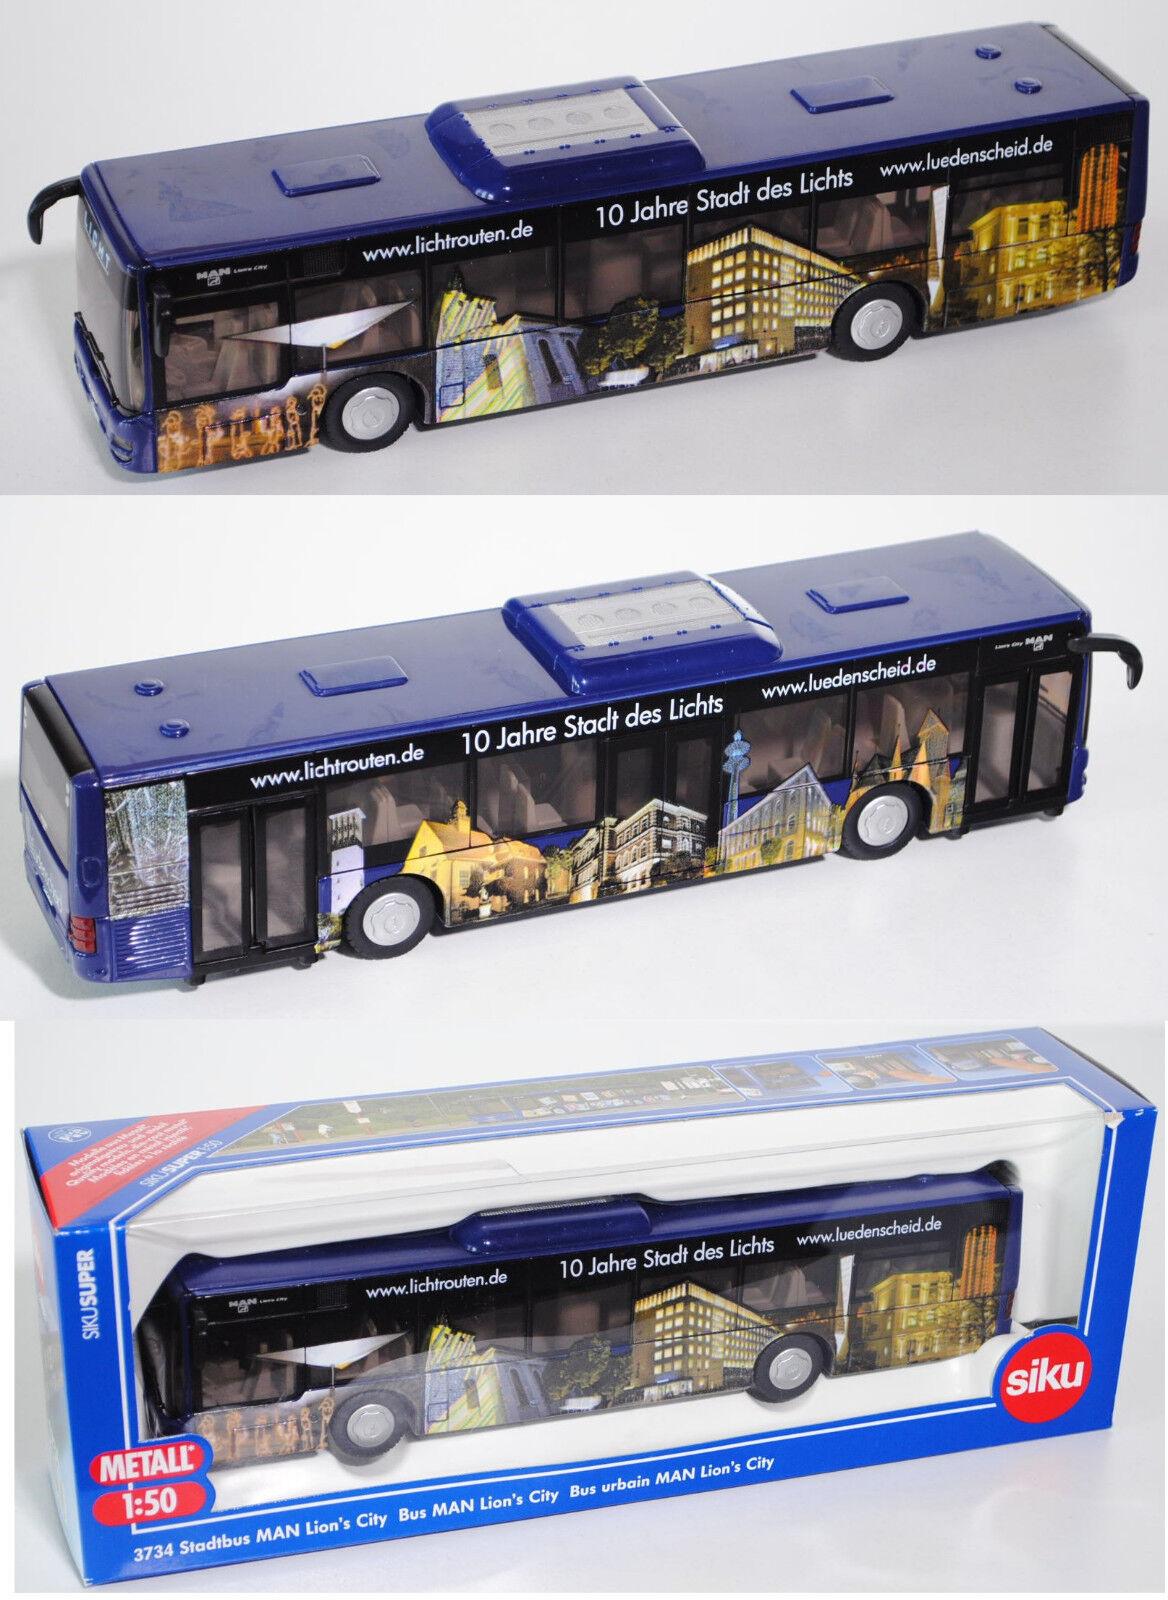 SIKU SUPER 3734 00402 manœuvrable on LION \ 's City, lumière itinéraires, 1 50, modèle spécial